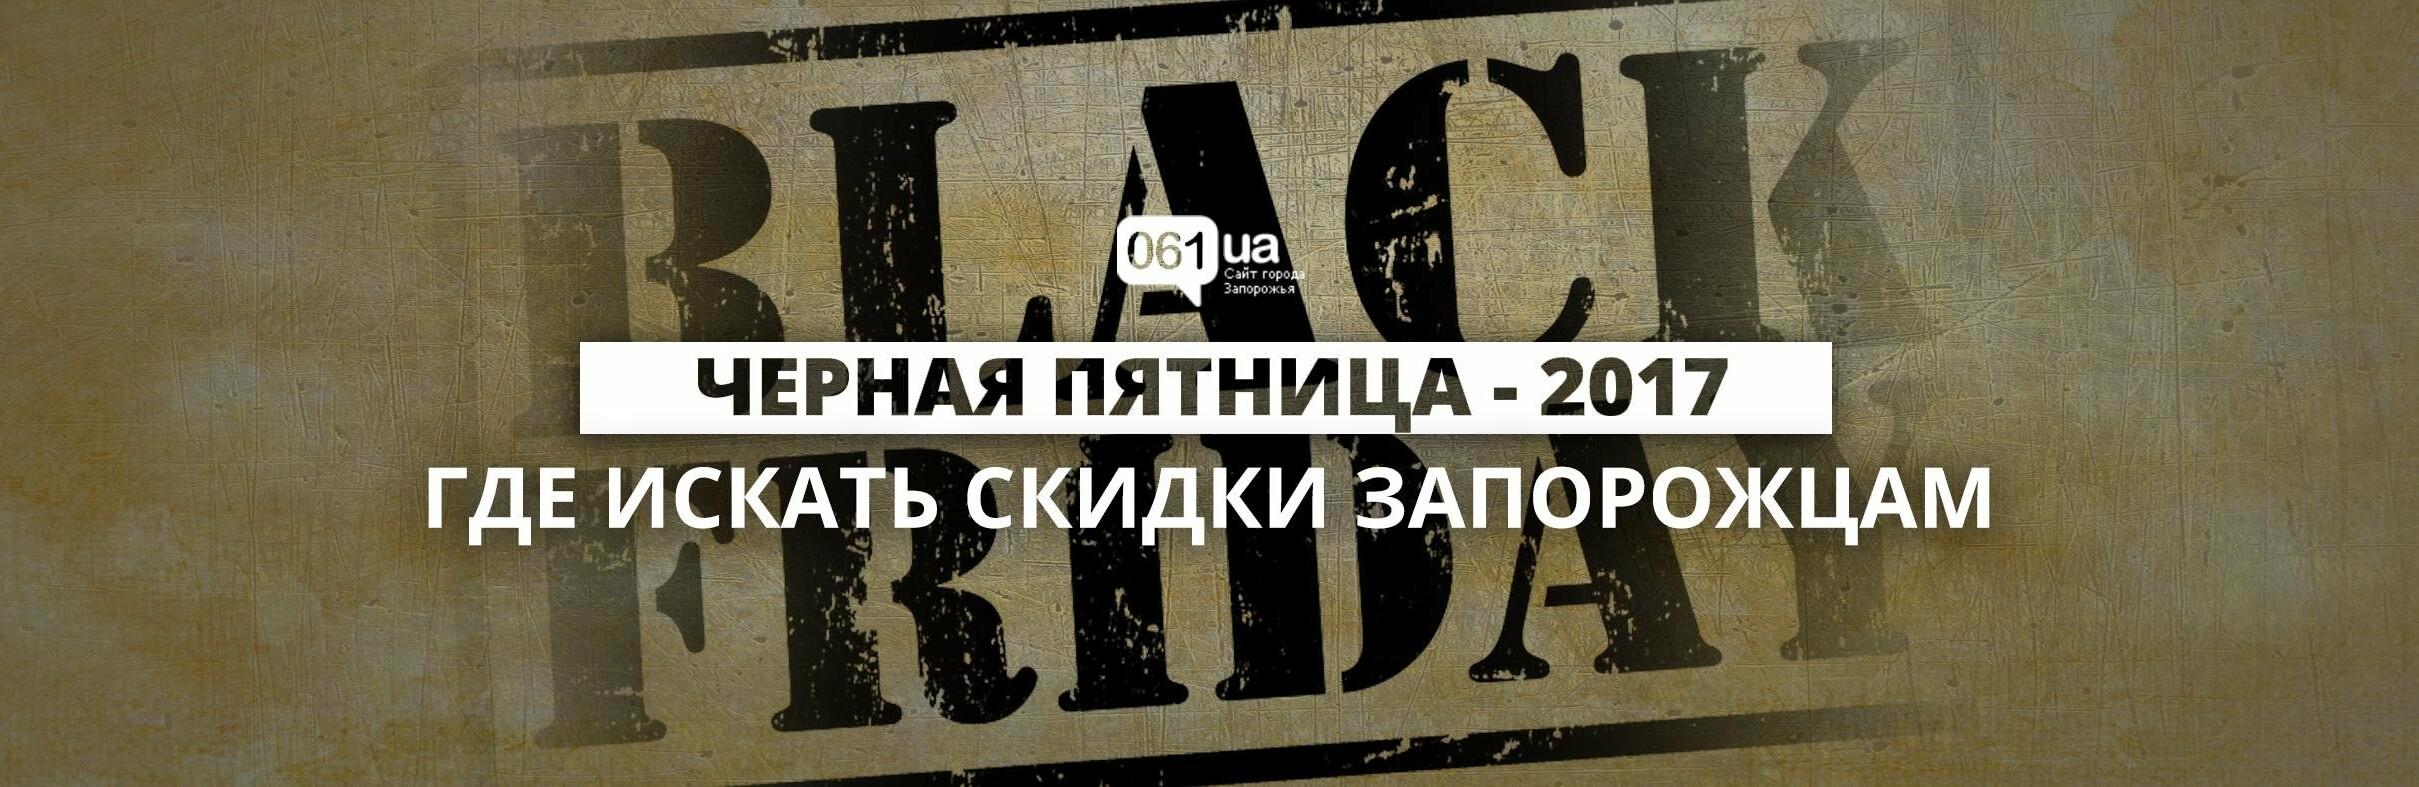 Черная пятница - 2017  Где искать скидки запорожцам - 061.ua 3ae56d3c9a9